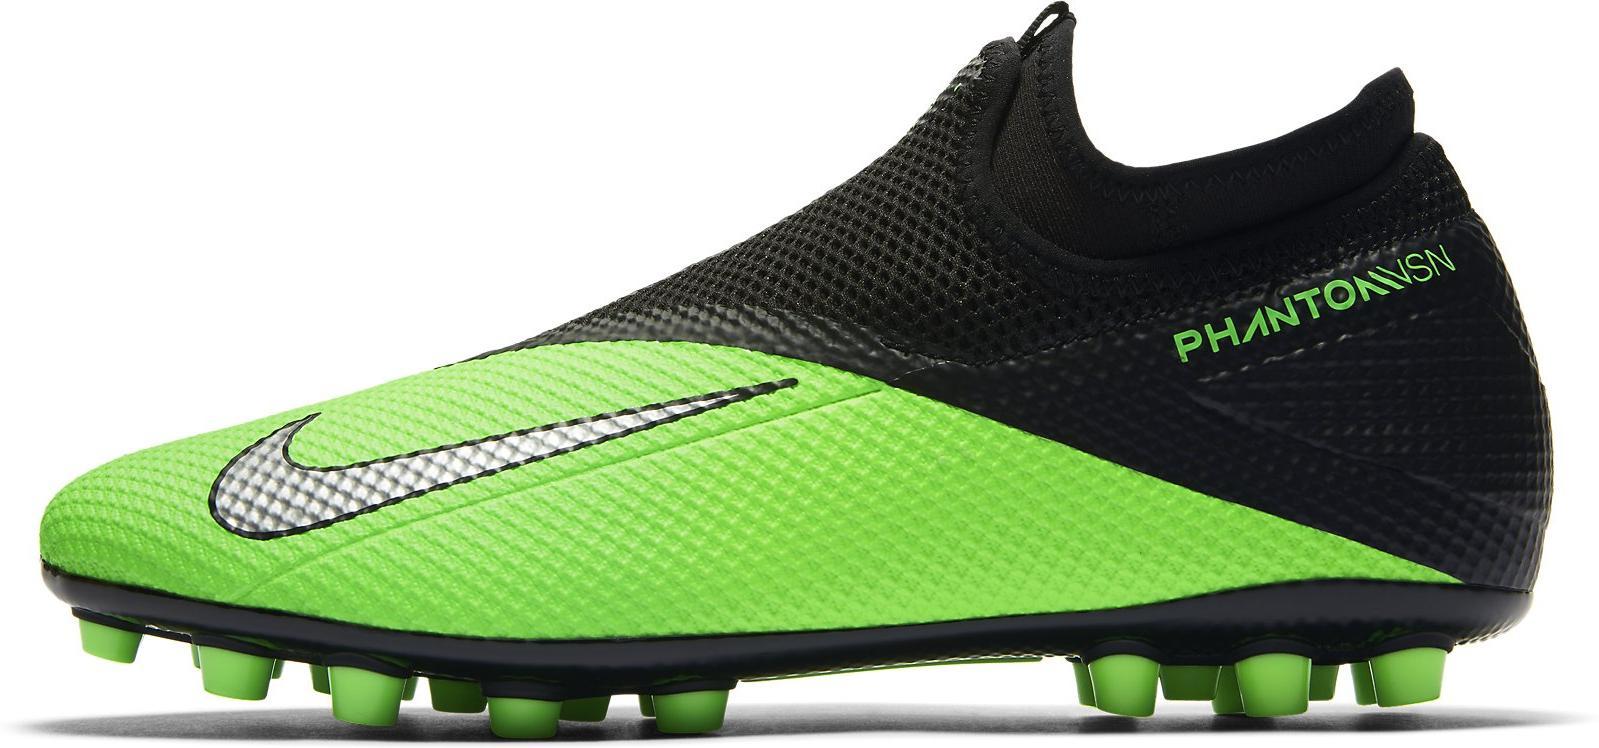 Kopačky Nike PHANTOM VSN 2 ACADEMY DF AG zelená